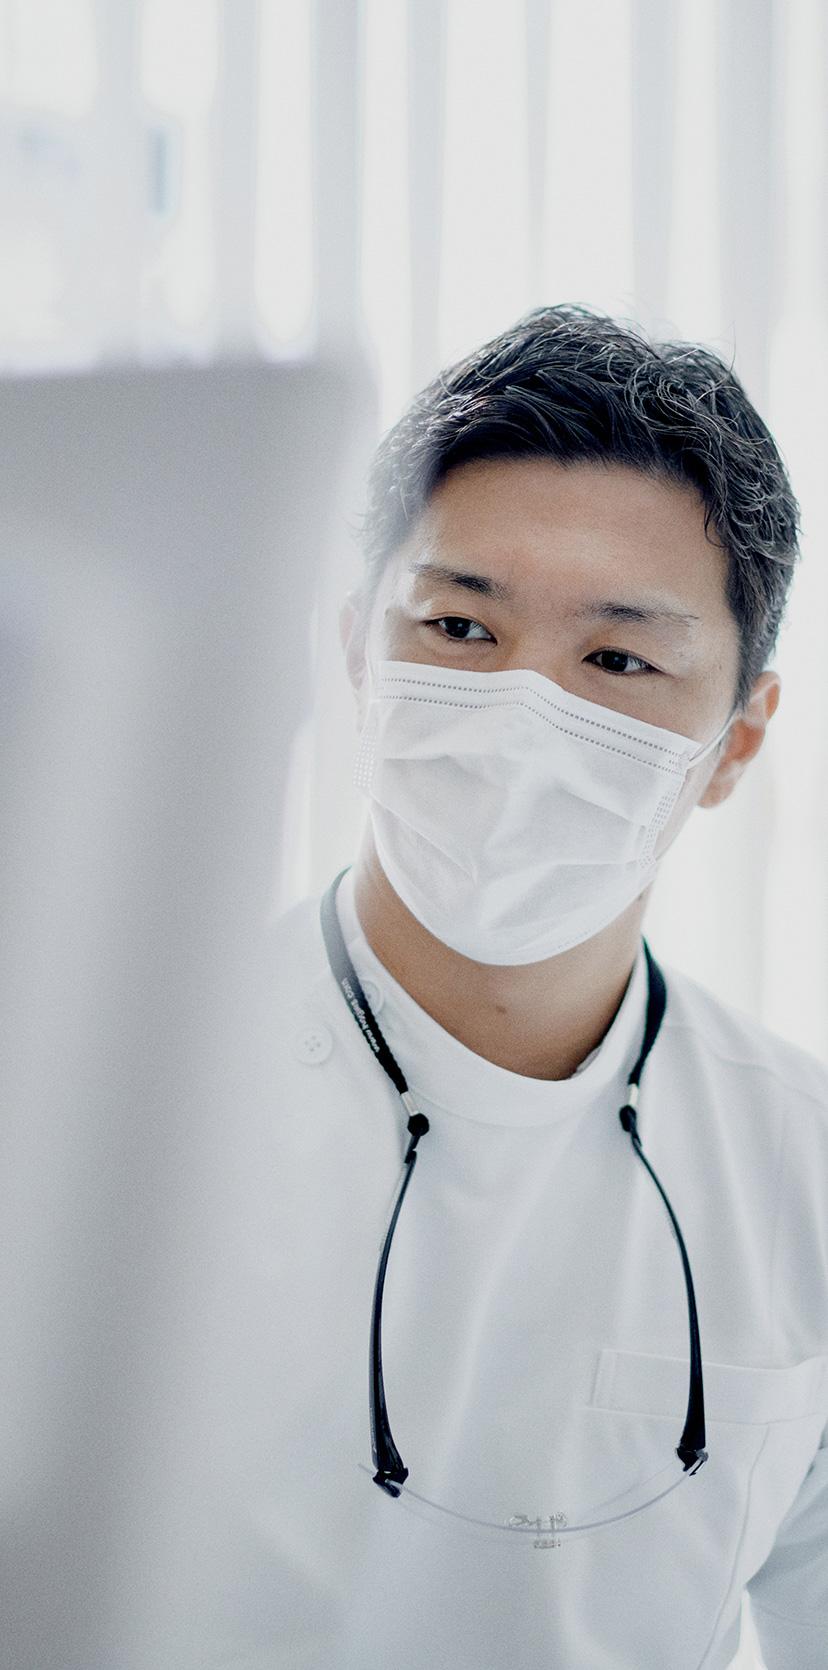 挑戦し続ける歯科医院として